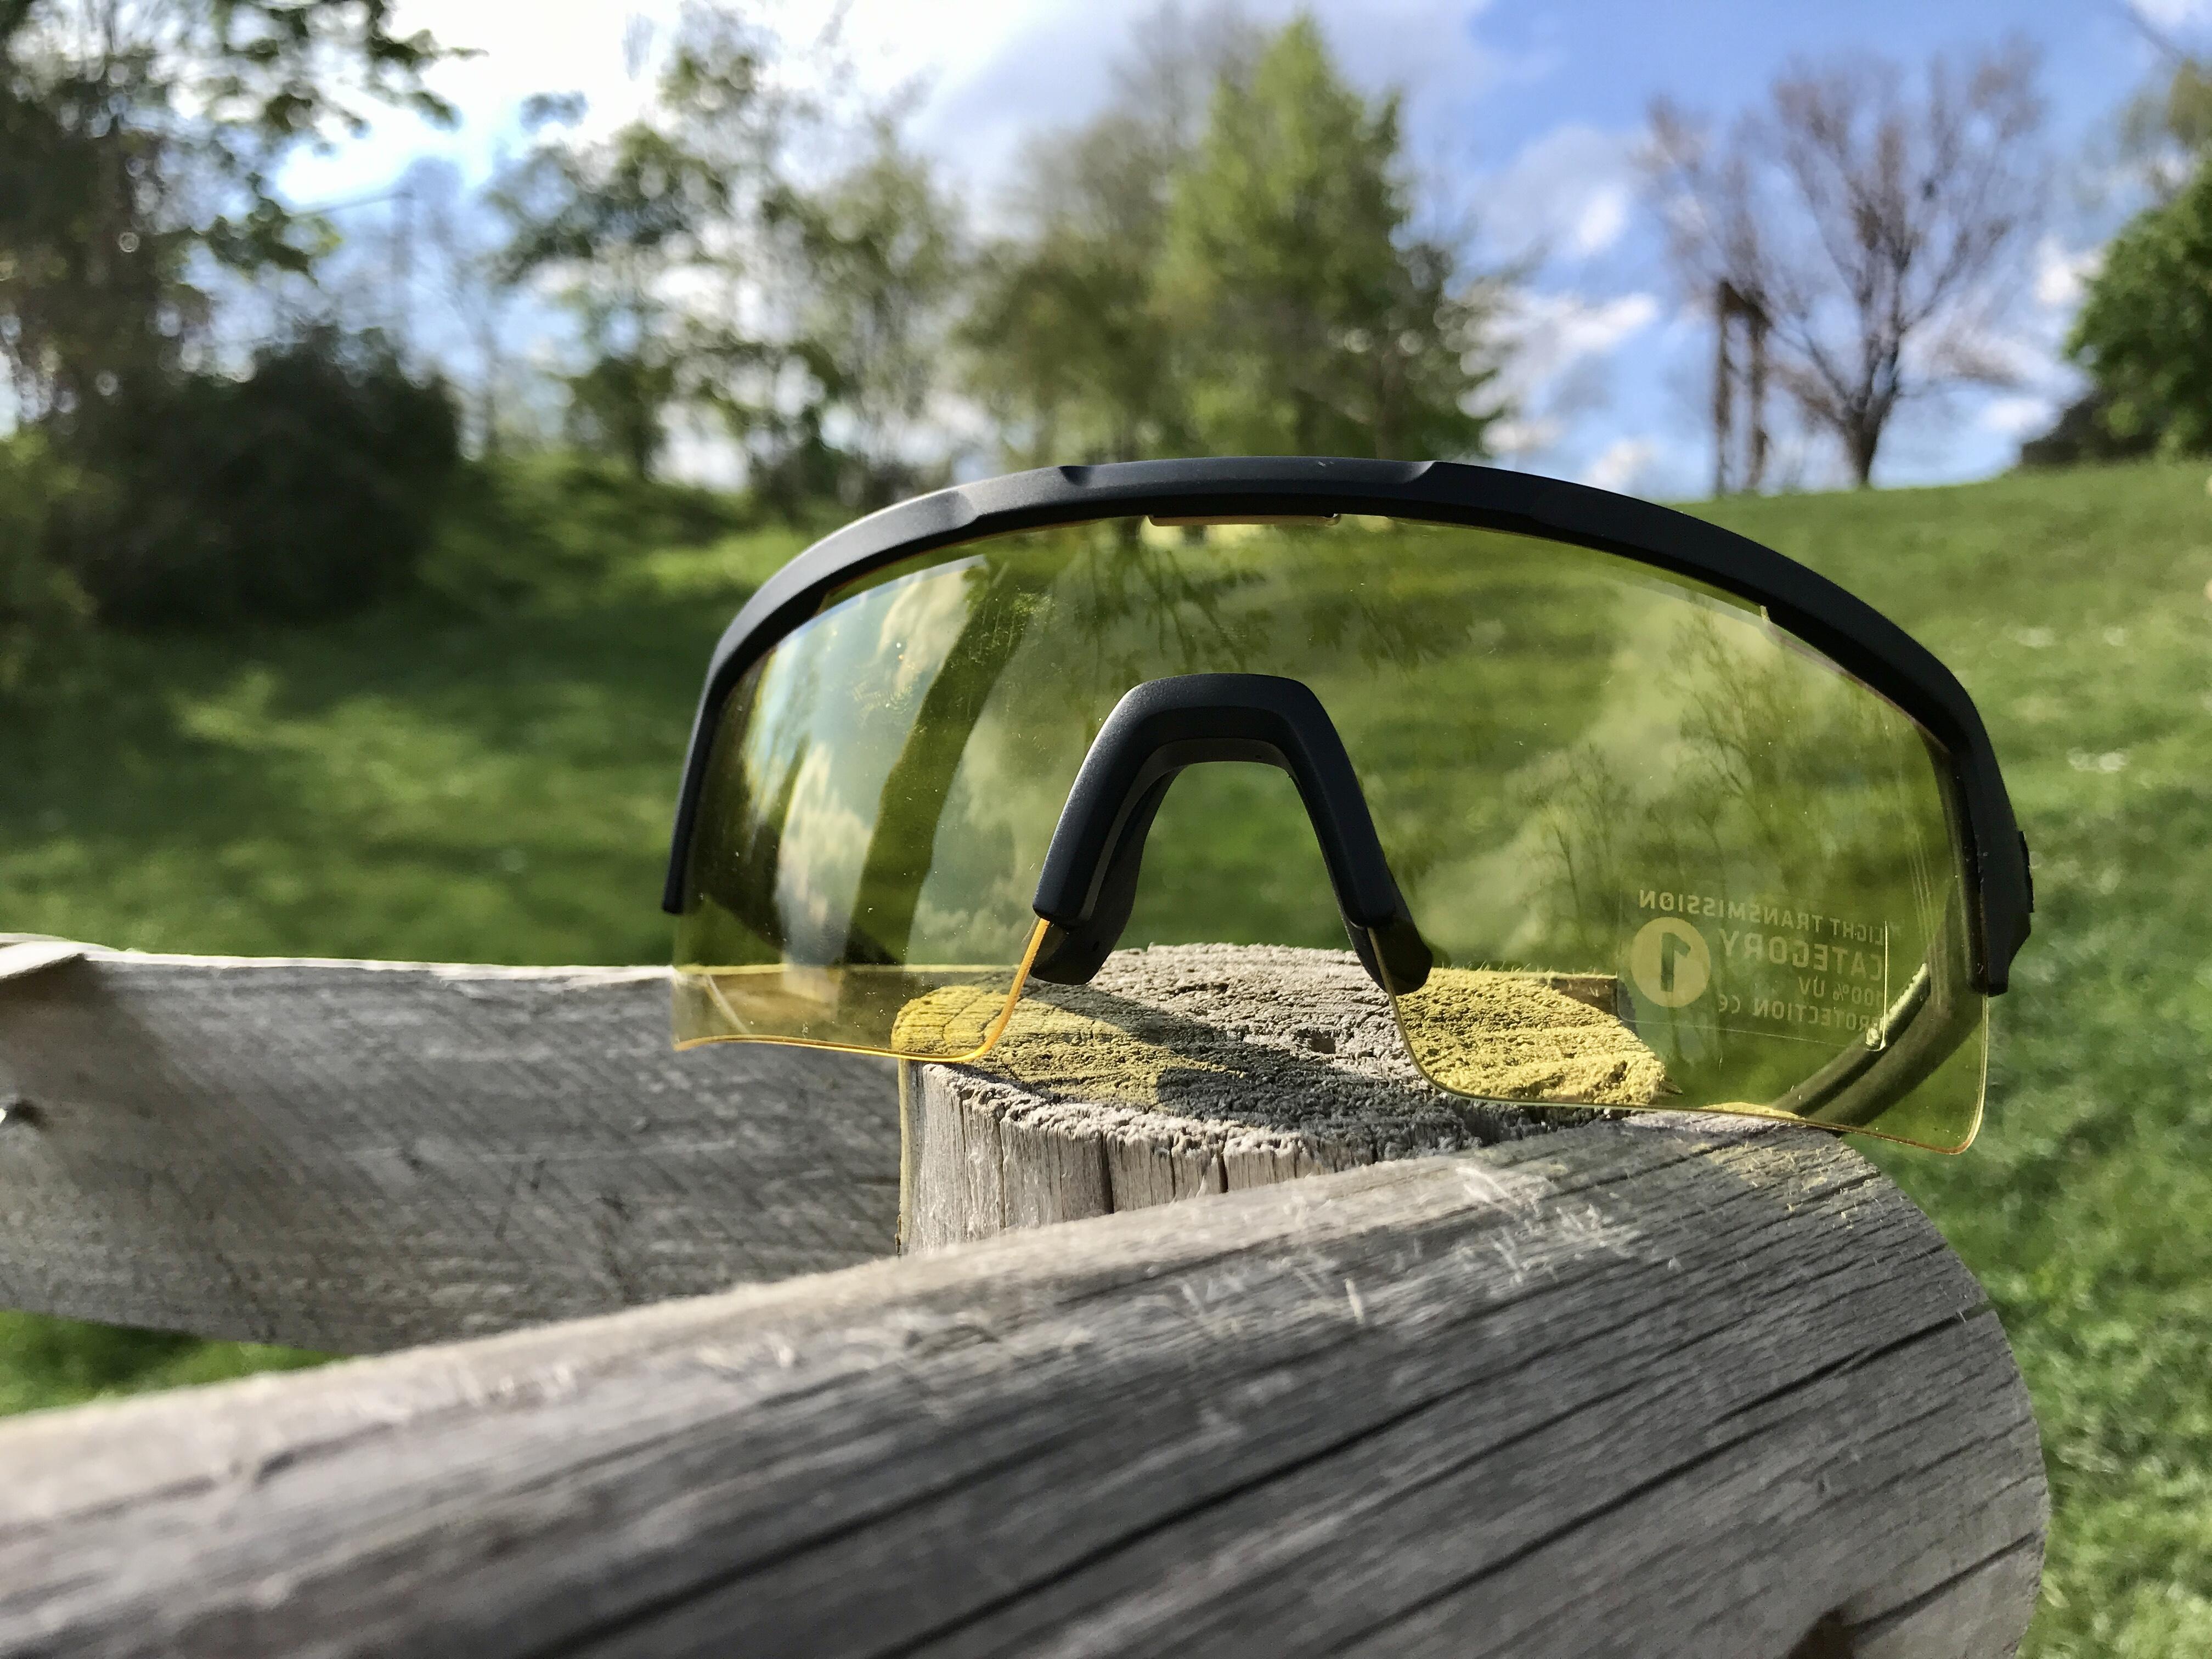 RECENZE: Celoroční brýle BBB BSG-65 obstojí v každém počasí